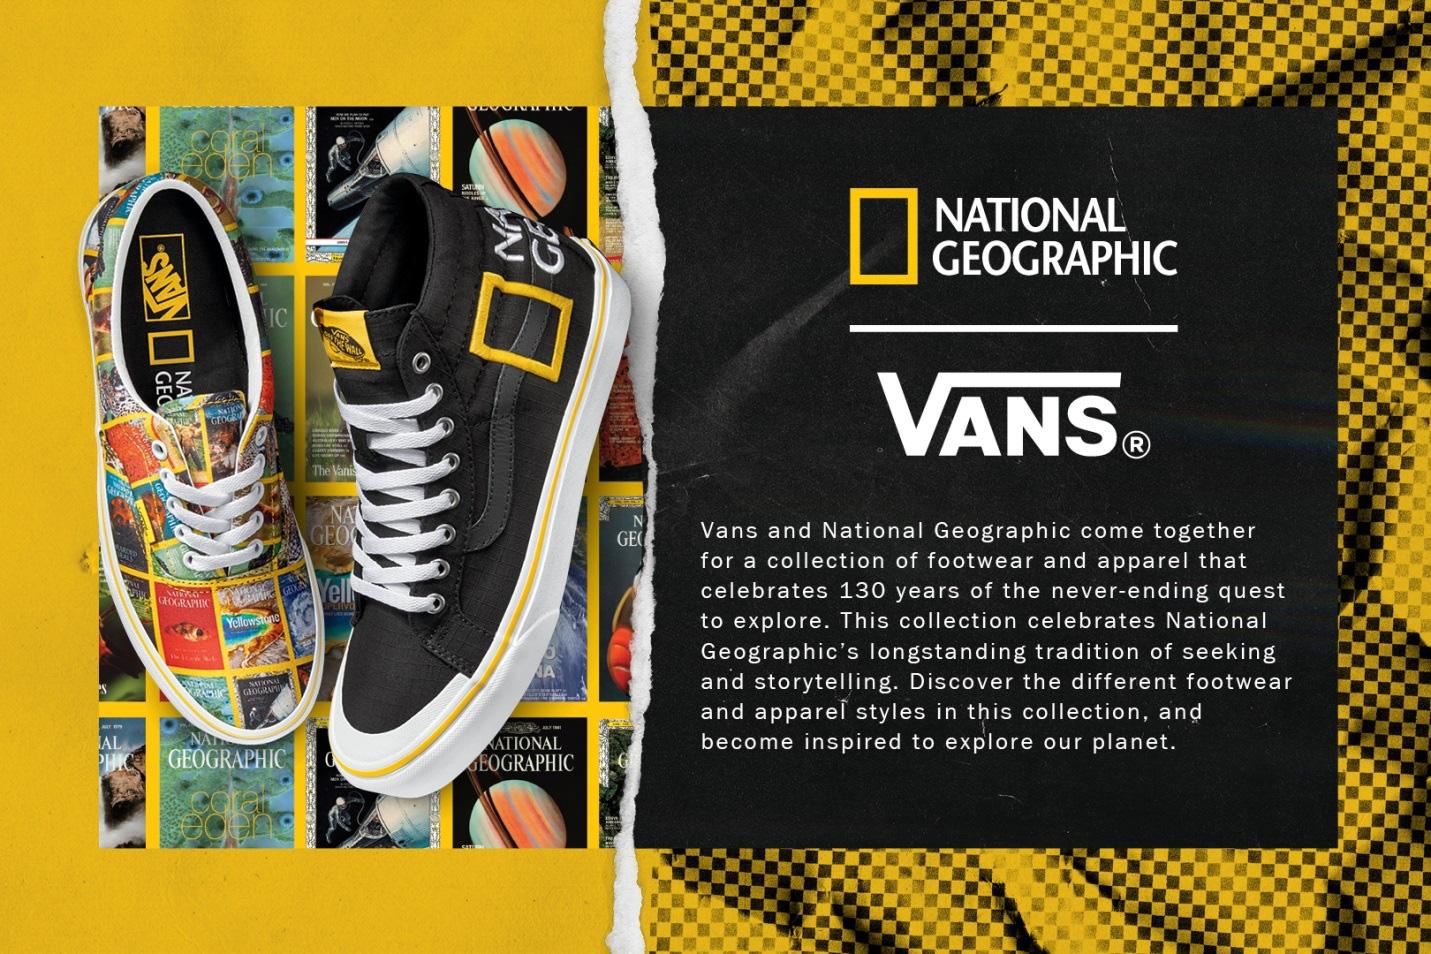 Vans lại gây sốt với siêu phẩm mới, vinh danh 132 năm cống hiến của National Geographic - Ảnh 1.